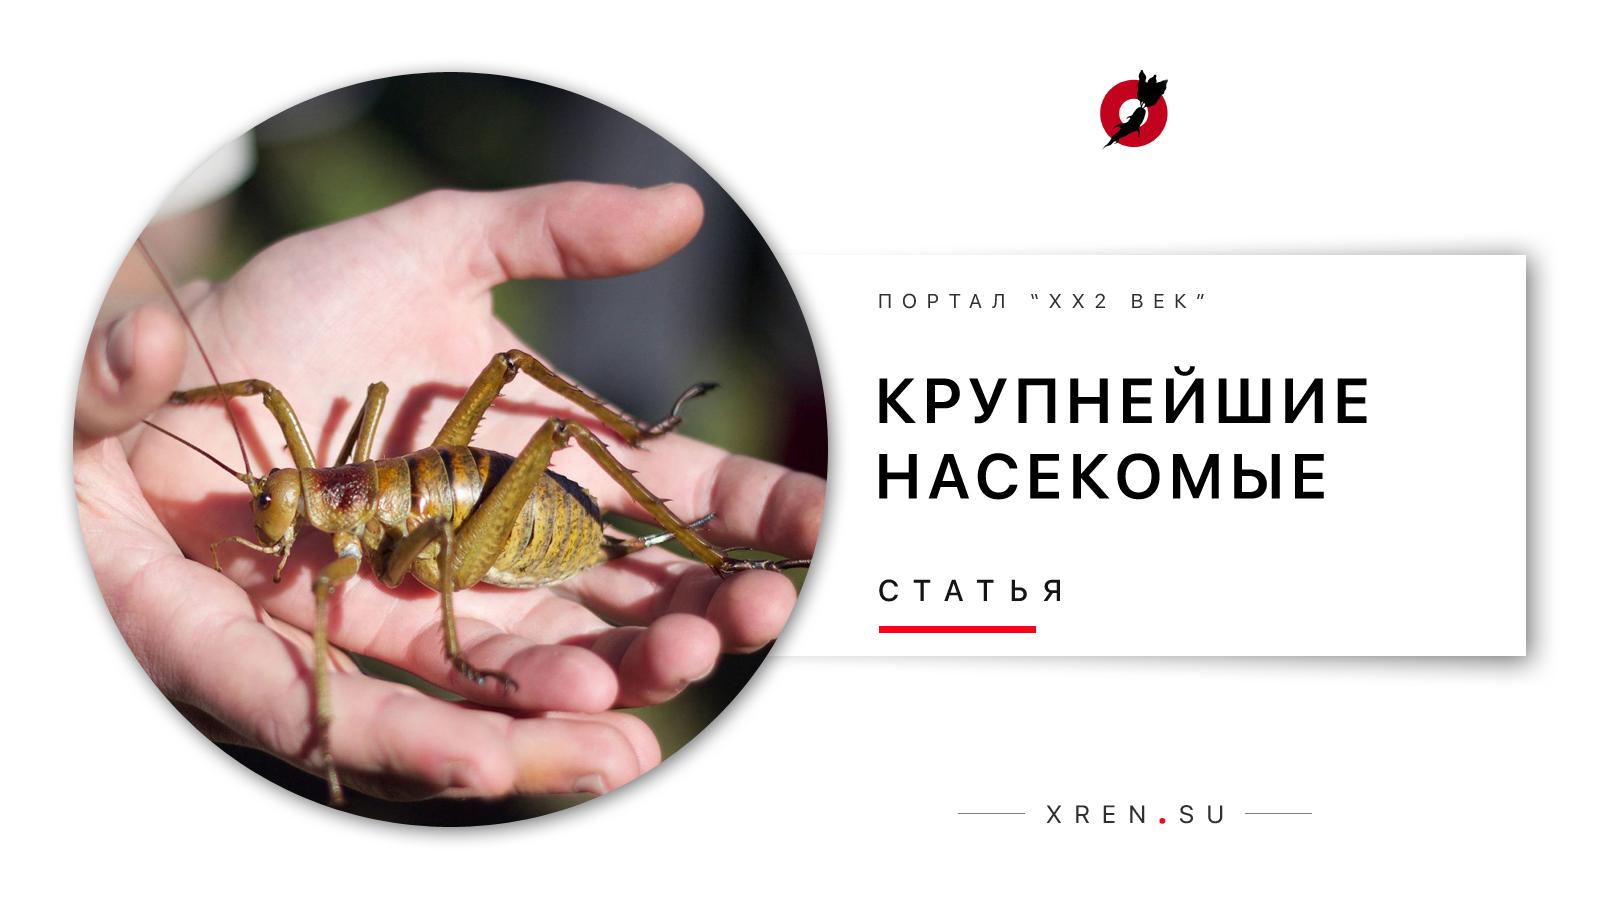 Крупнейшие насекомые, живые и мёртвые, реальные и сказочные